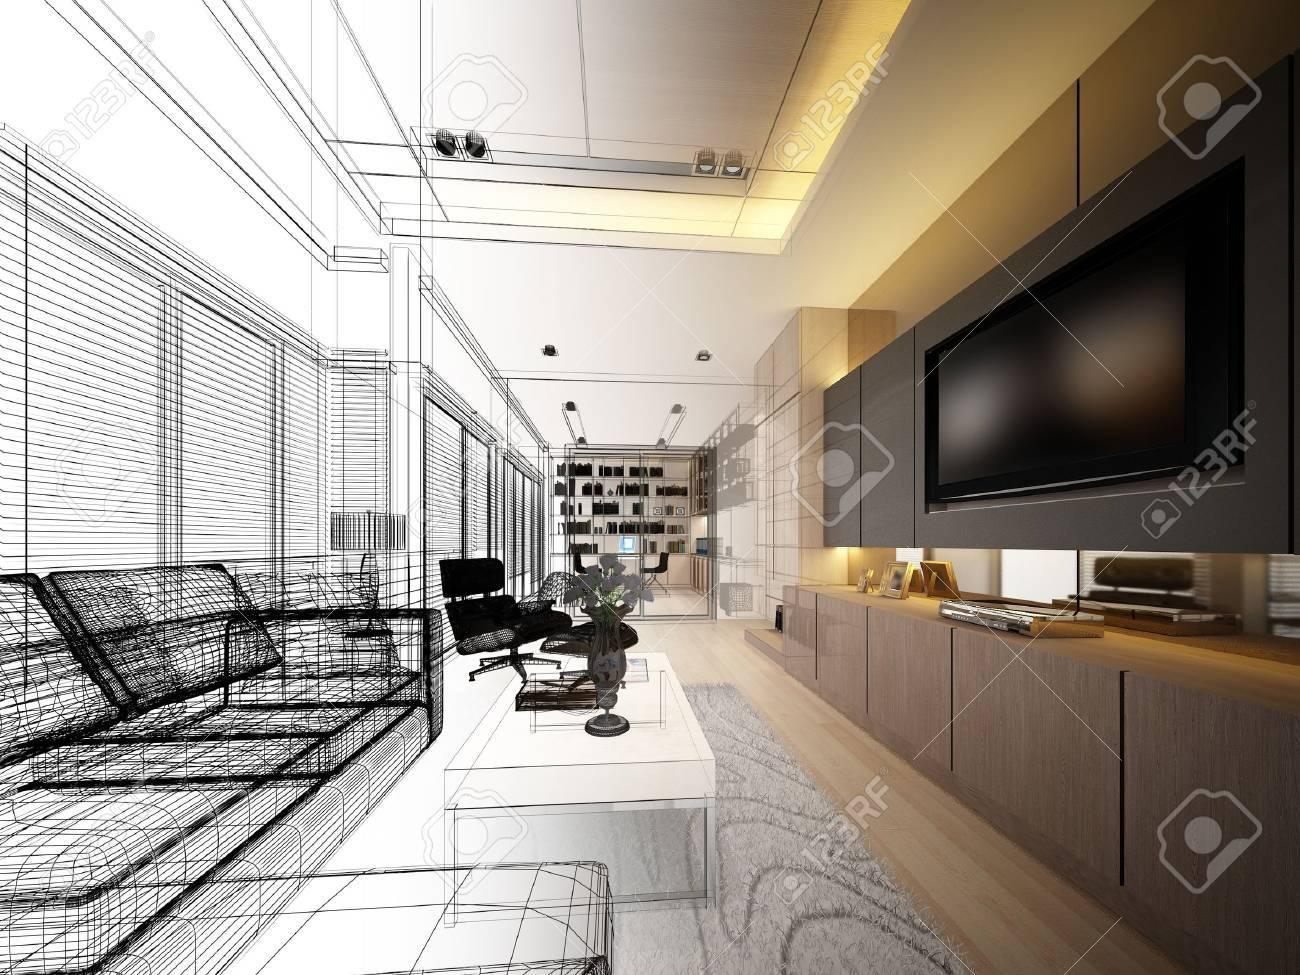 sketch design of living ,3dwire frame render - 42310251